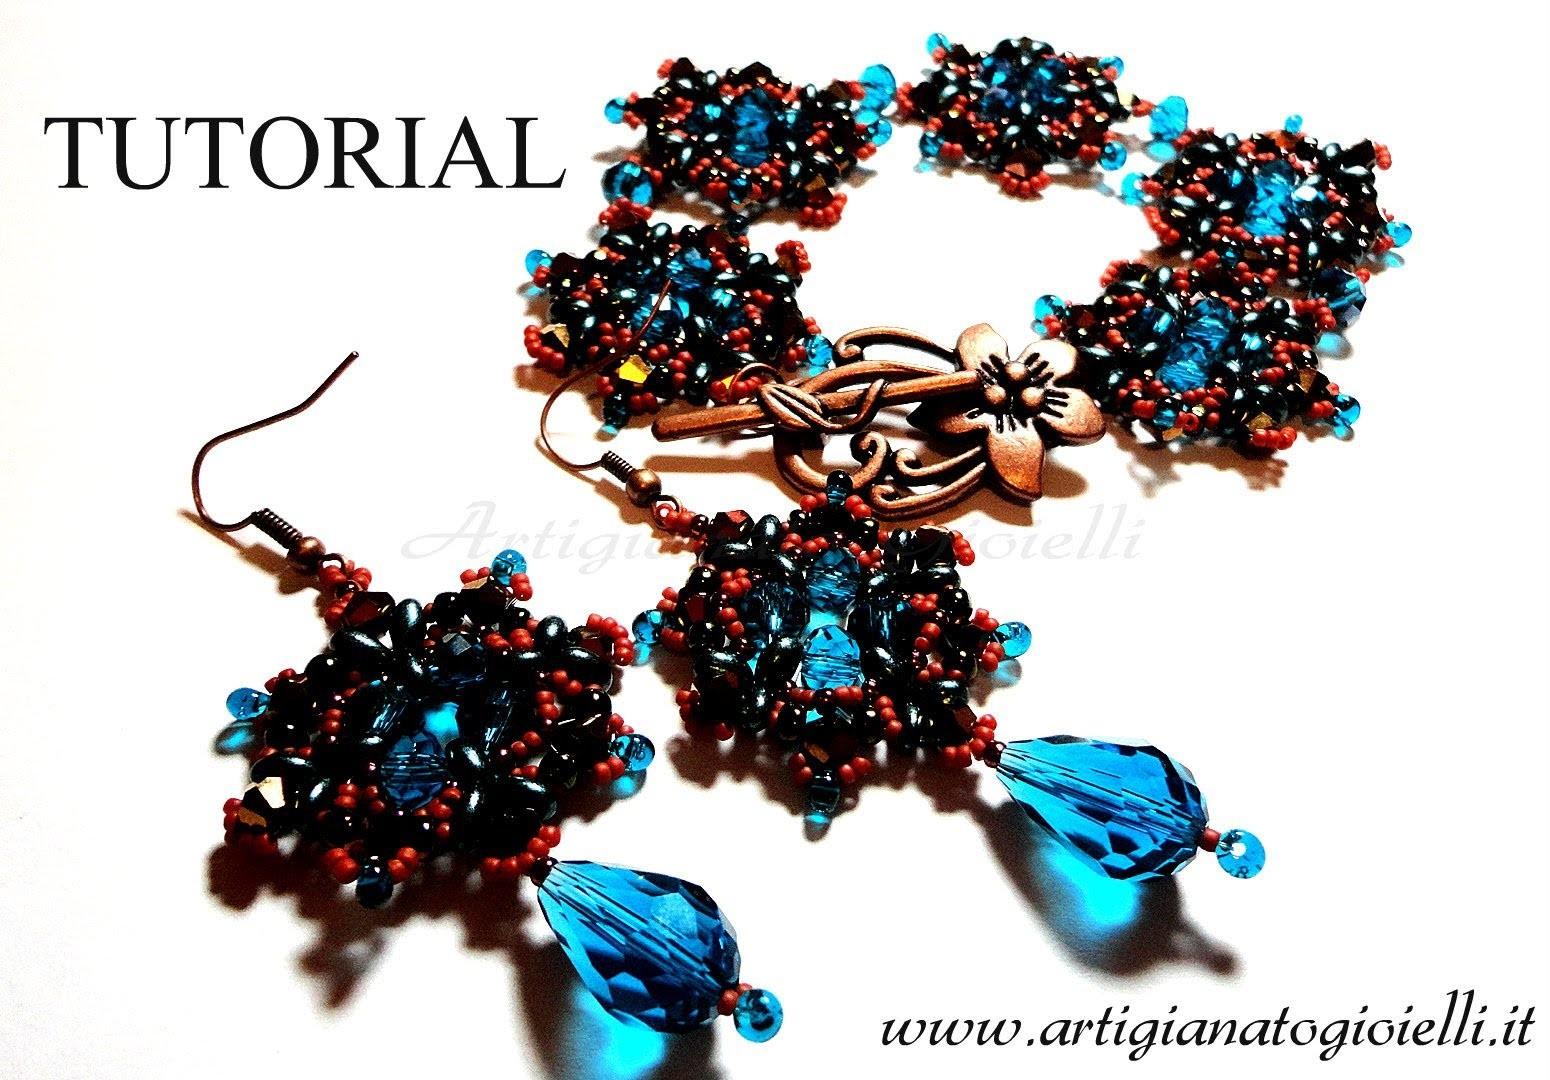 DIY Tutorial orecchini e bracciali - perline e twin beads cristalli - Ishtar